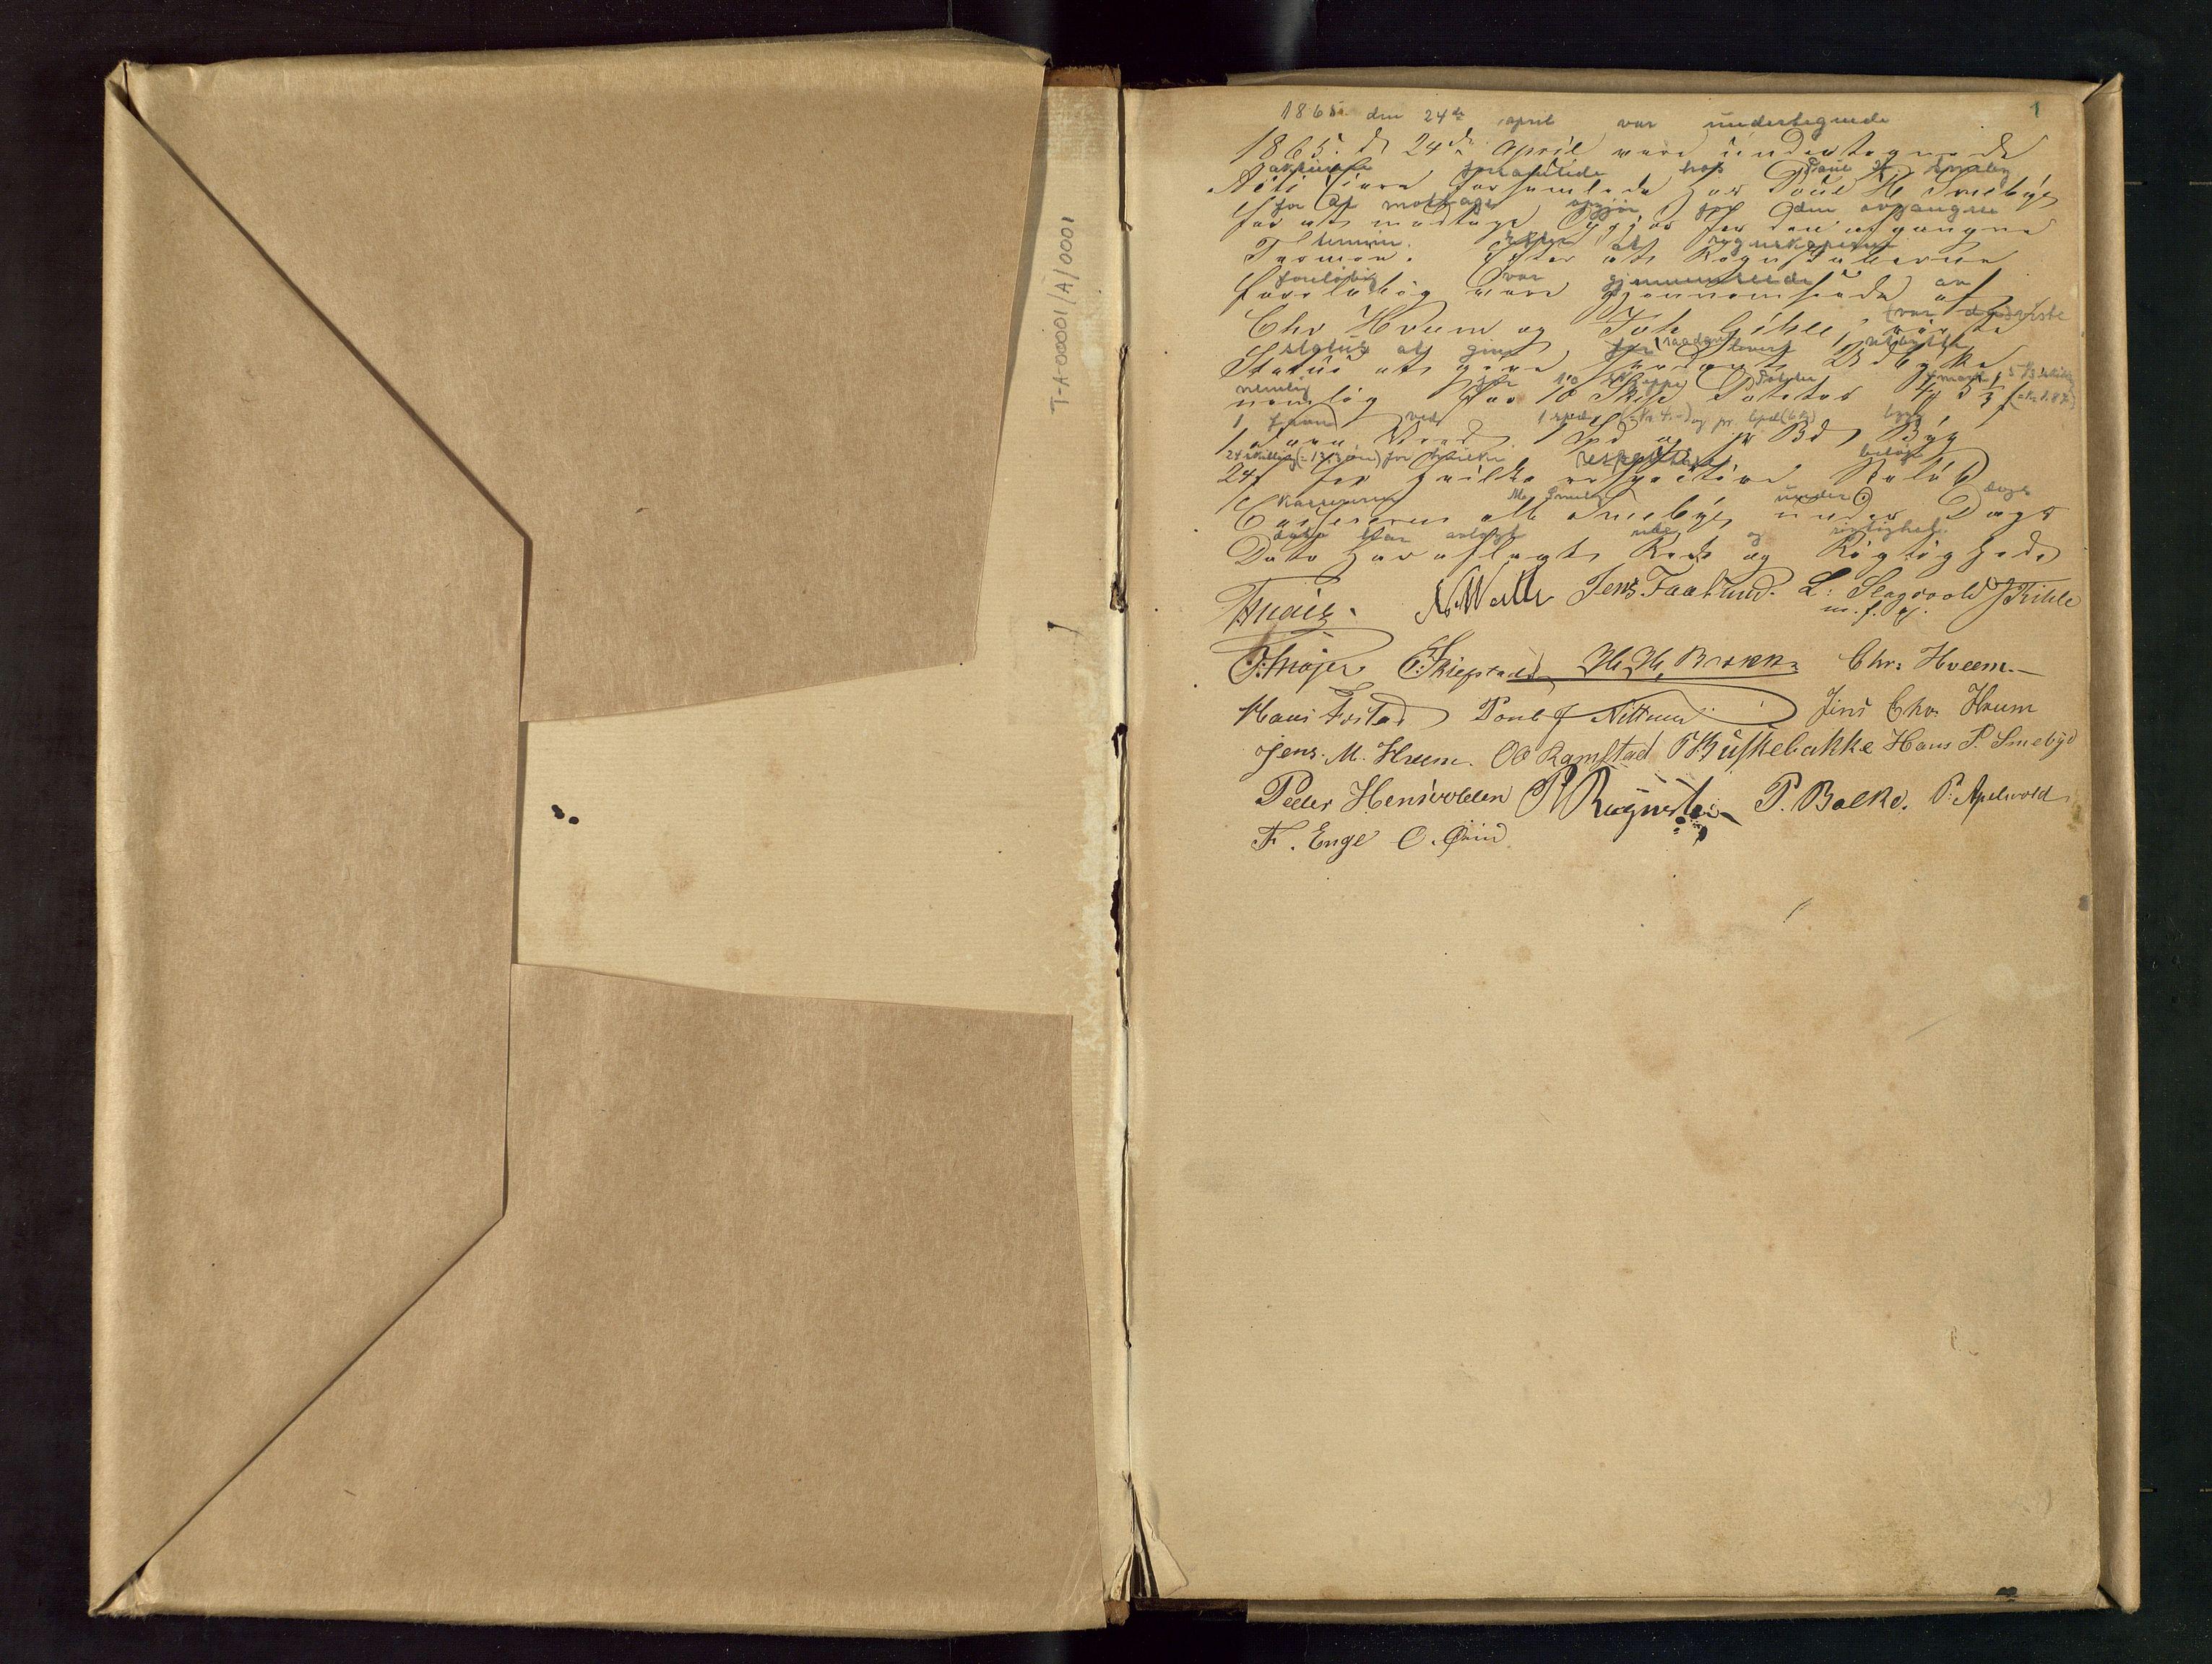 OAMM, Bilitt Brenneri, A, 1865-1902, p. 1